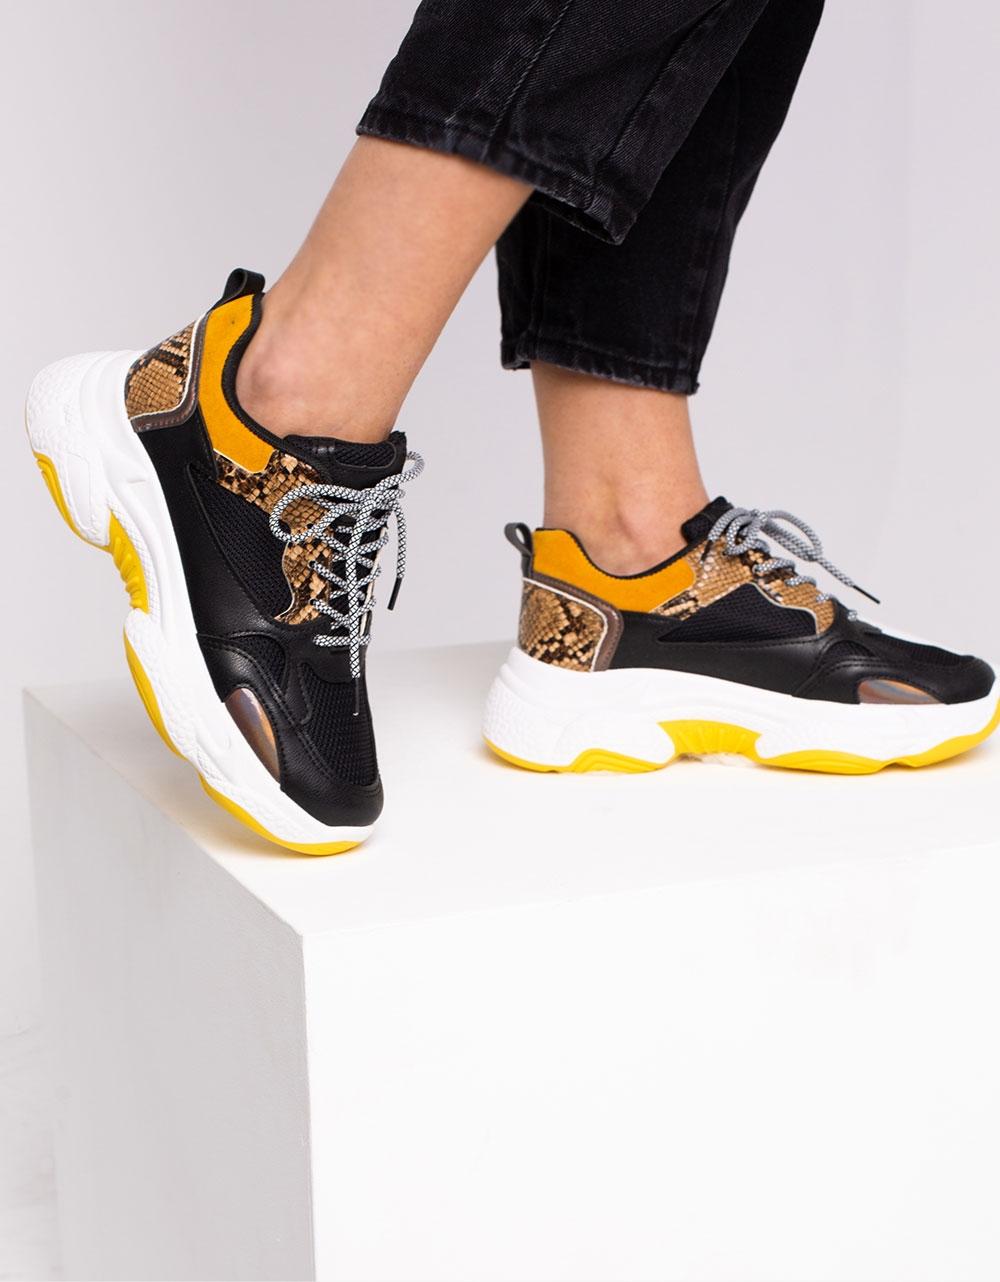 Εικόνα από Γυναικεία sneakers με ανάγλυφα σχέδια Μαύρο